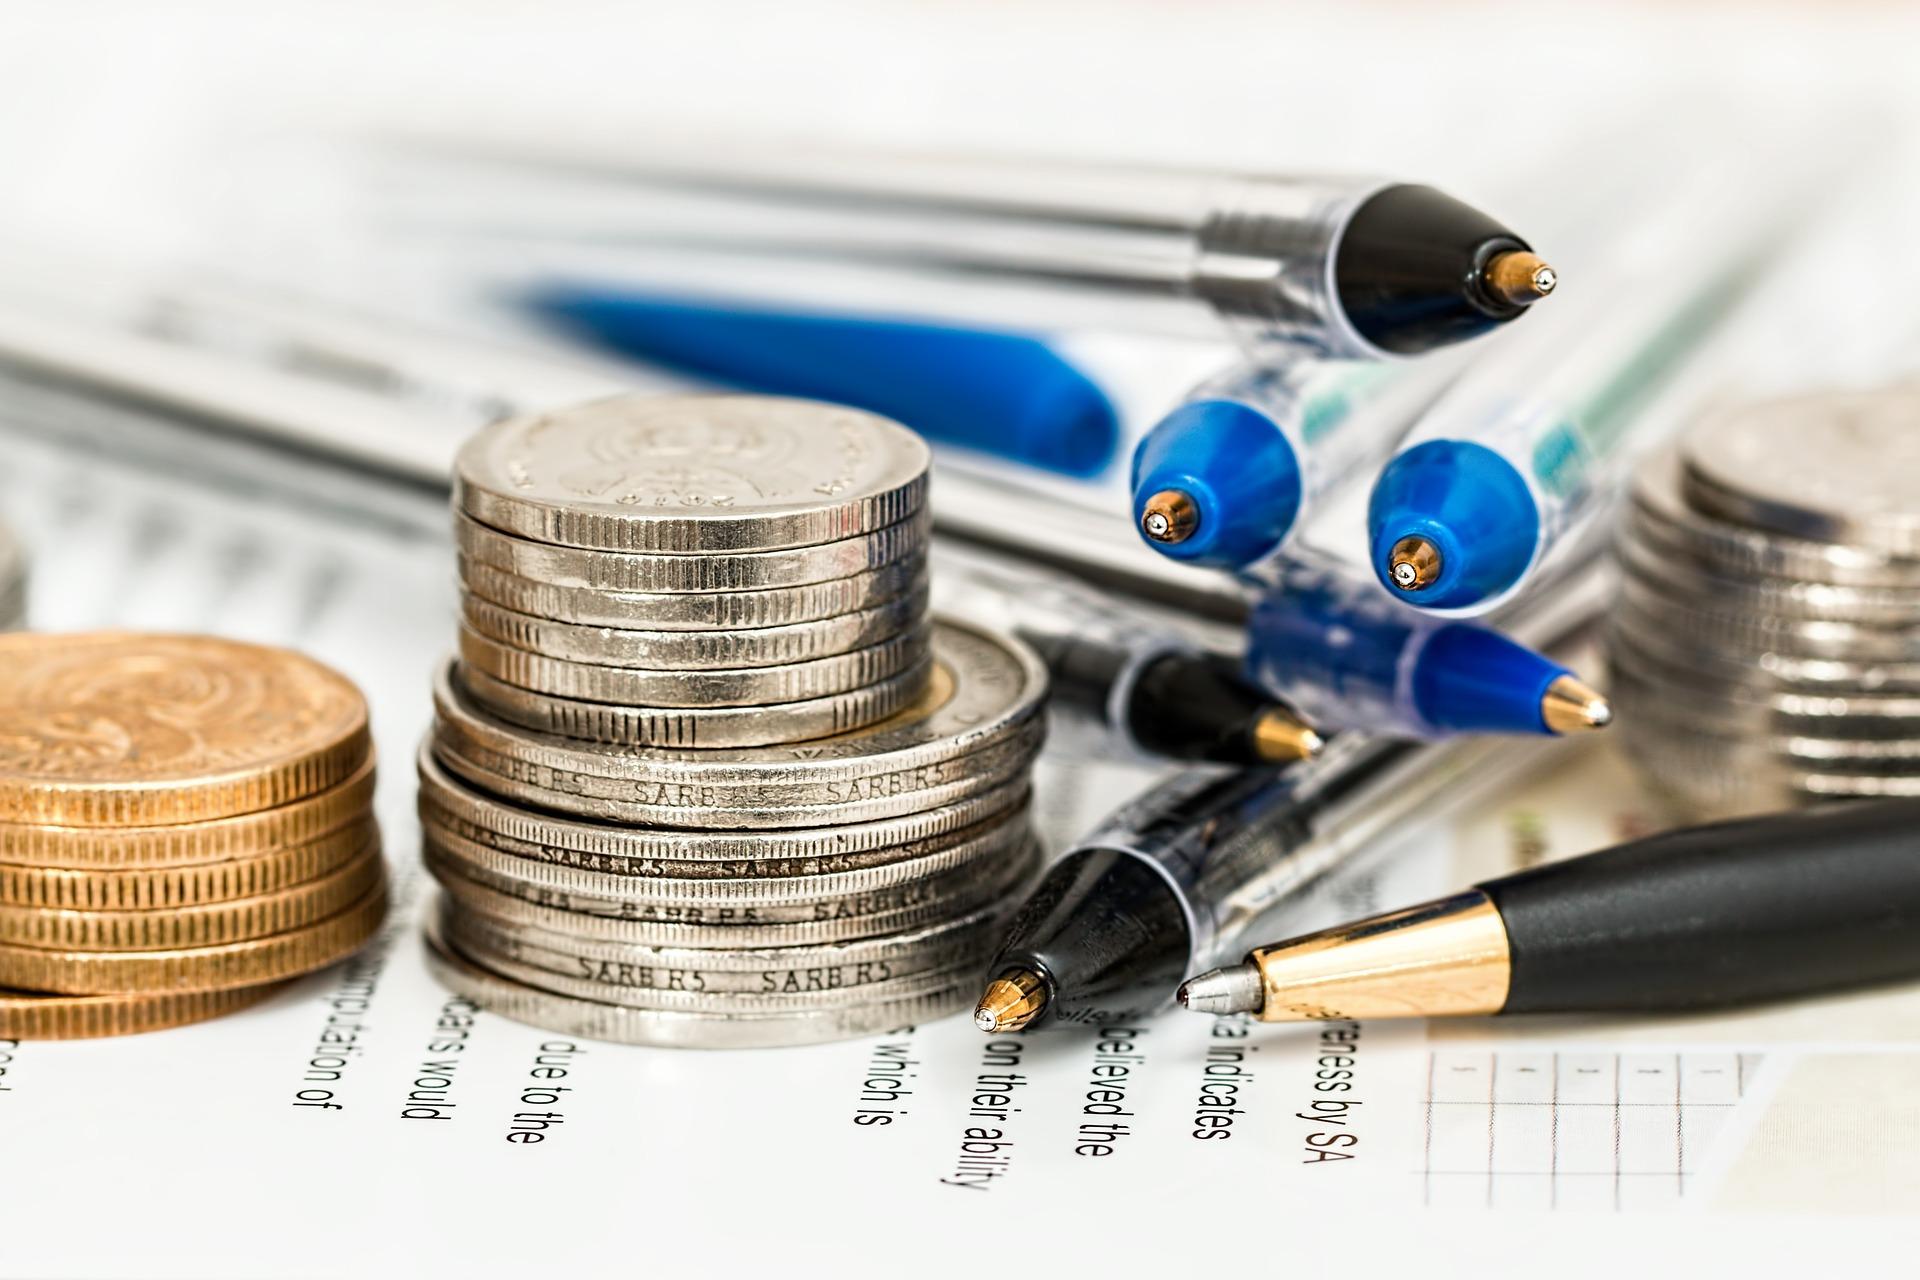 Mercato assicurativo: chiusura positiva per il 2017